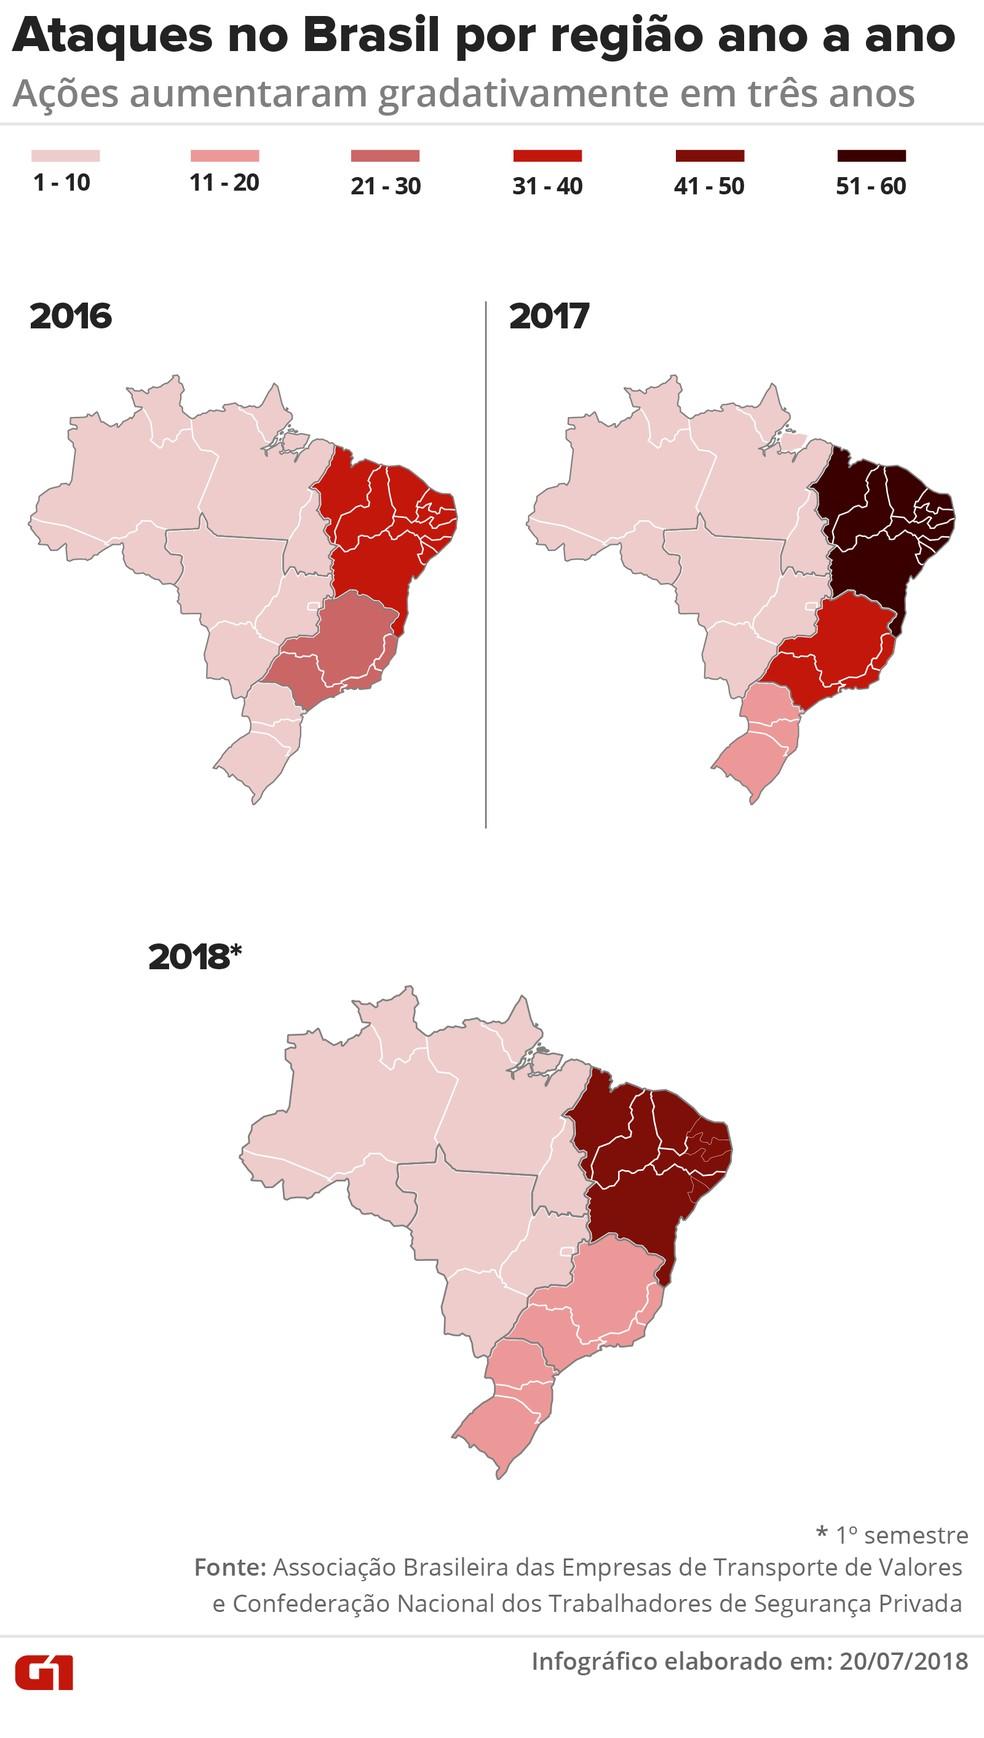 Ataques a carros-fortes no Brasil por região ano a ano desde 2016 (Foto: Juliane Monteiro e Karina Almeida/G1)